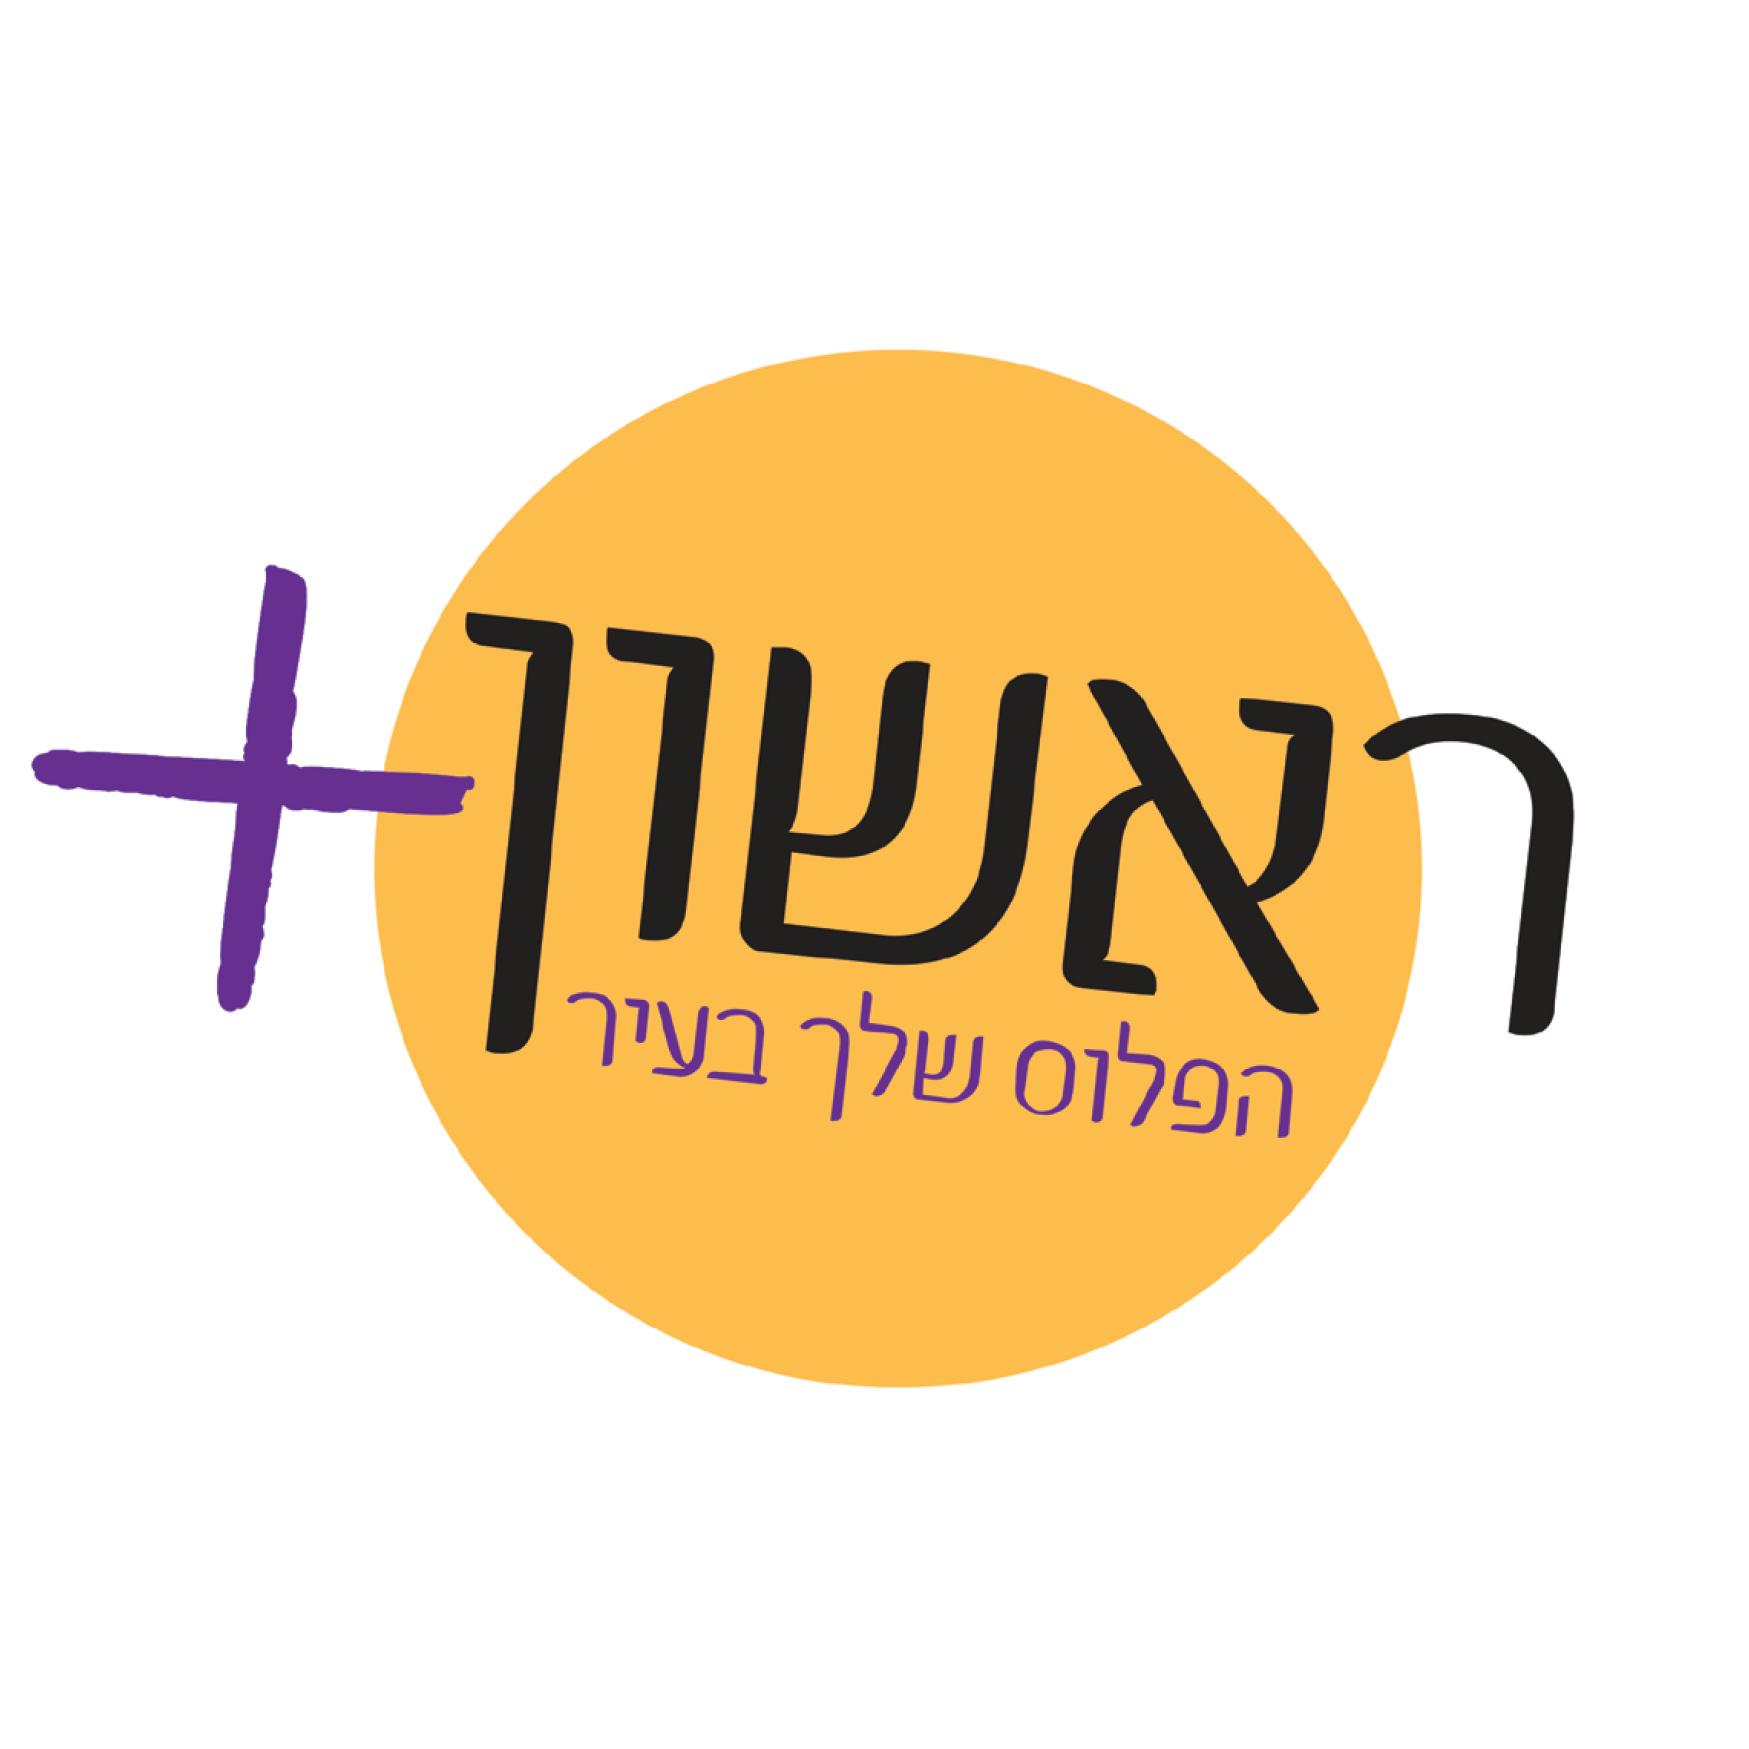 לוגו ראשון פלוס שלך בעיר